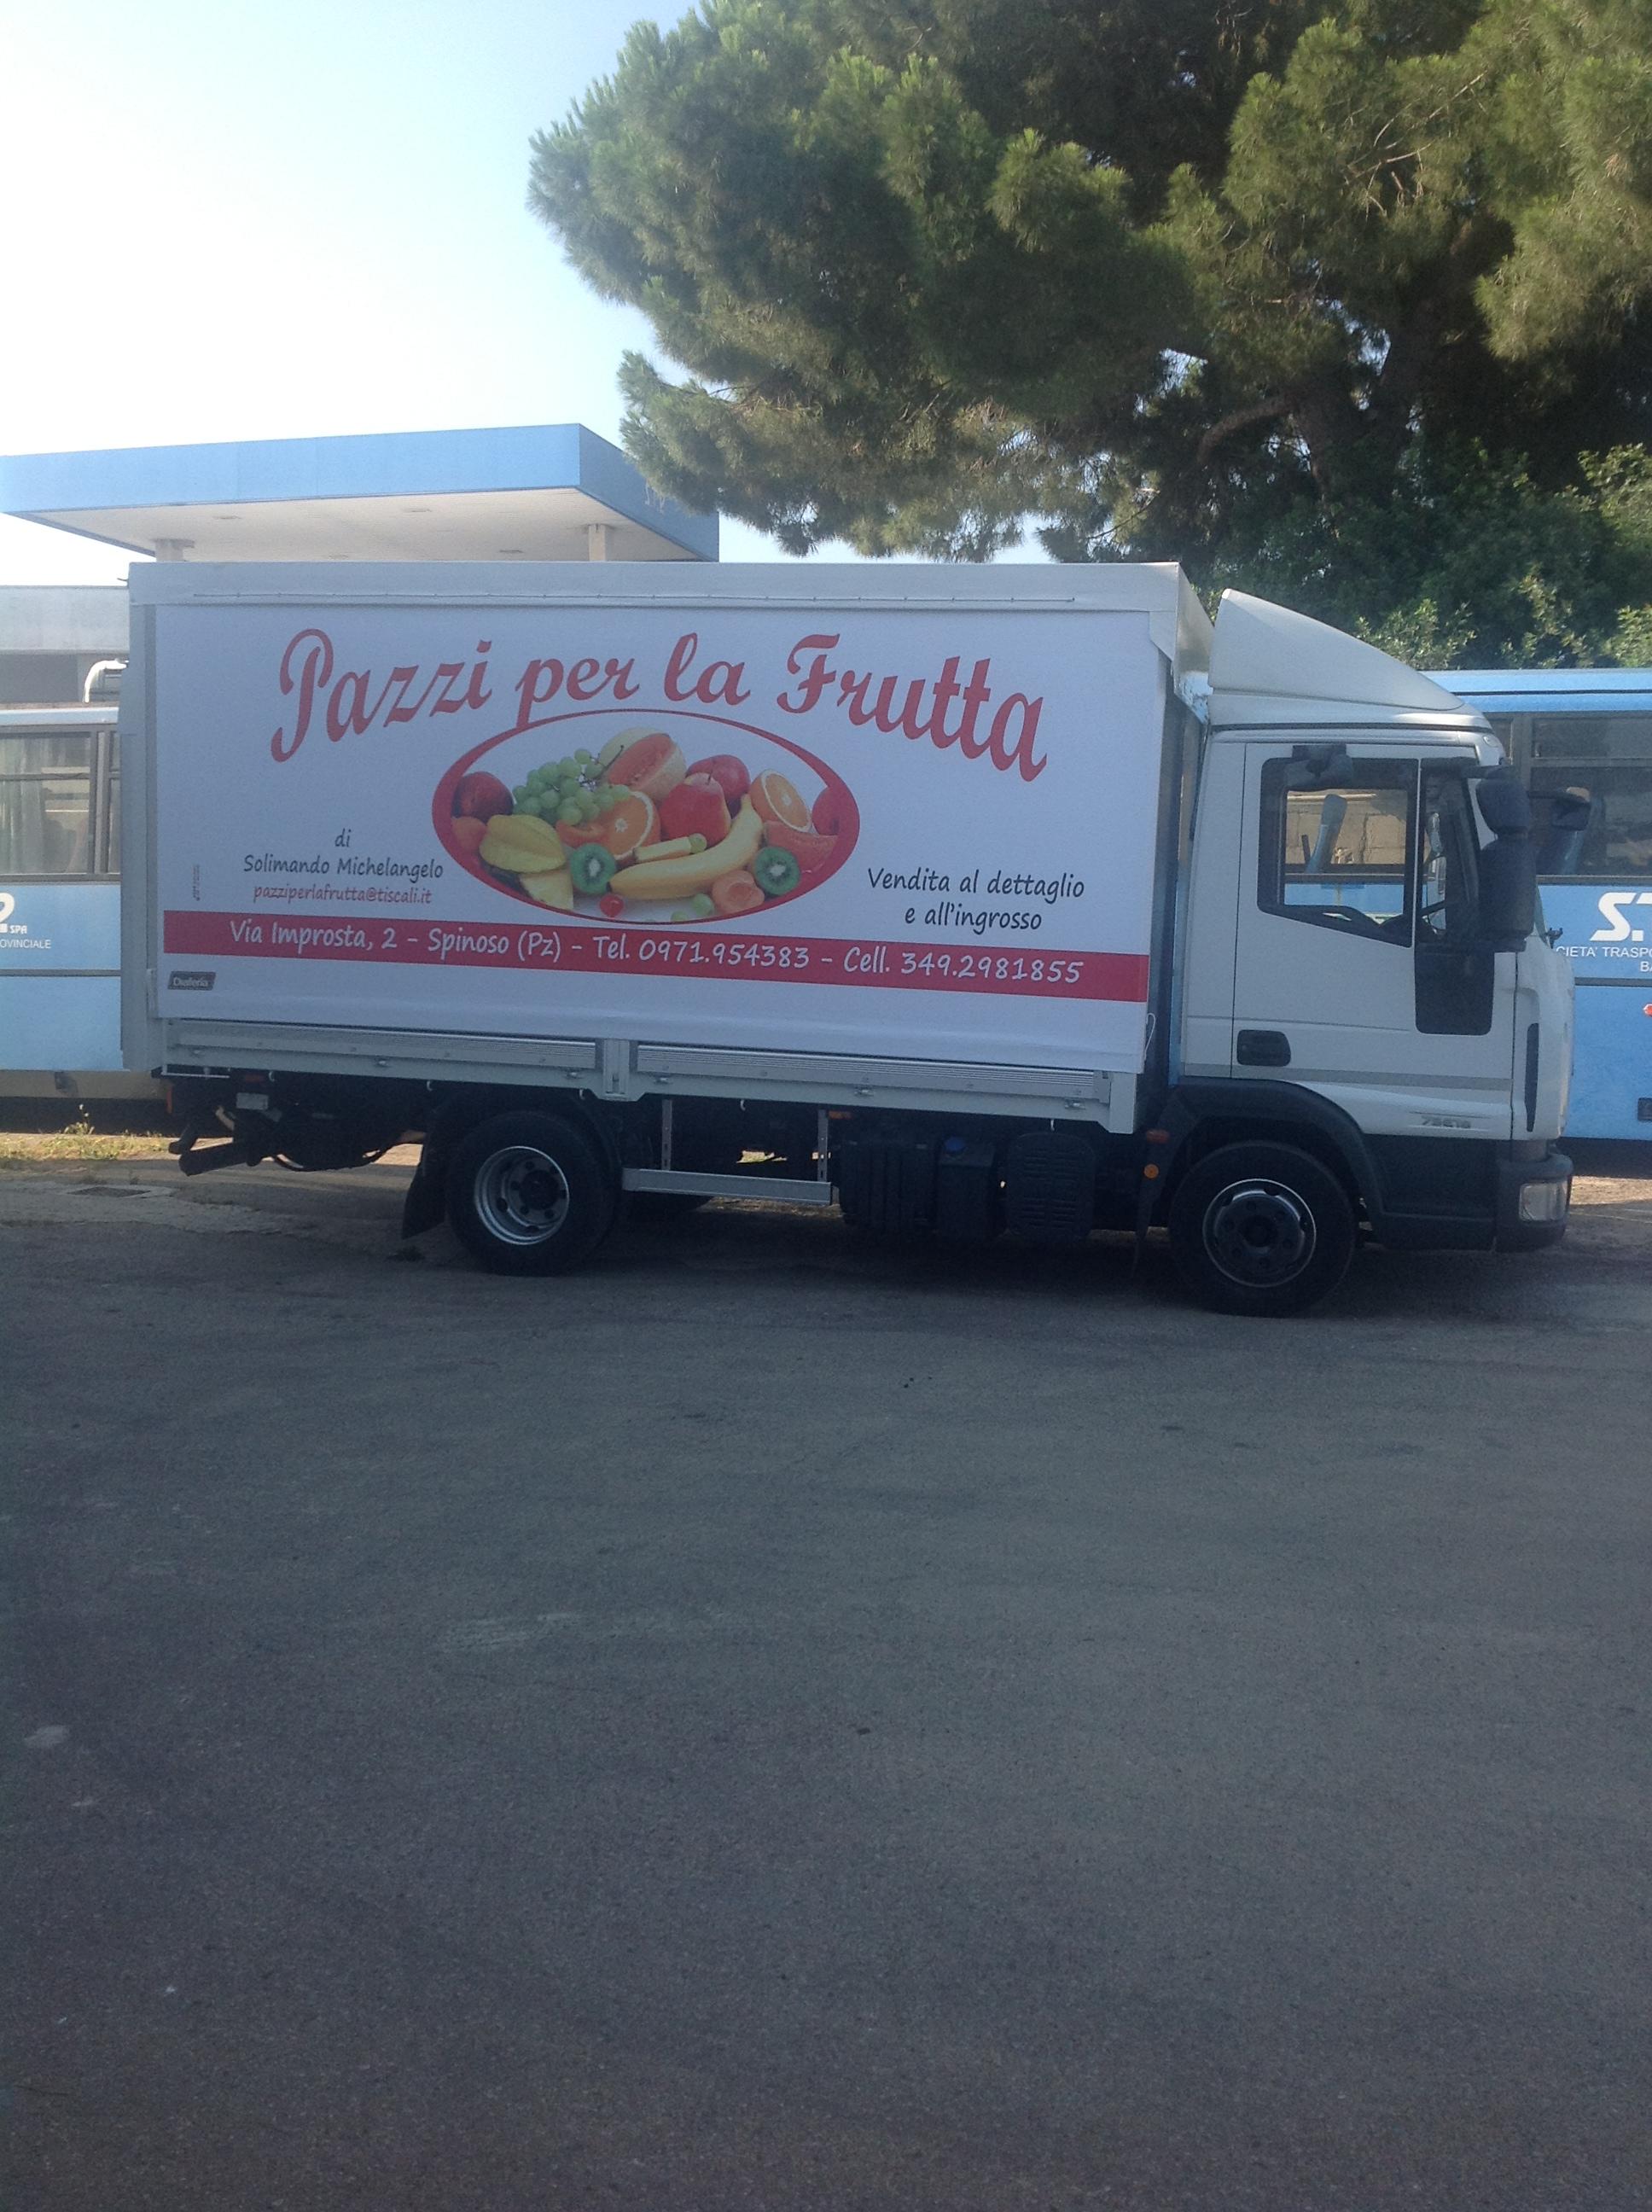 Personalizzazione pubblicità automezzi Bari